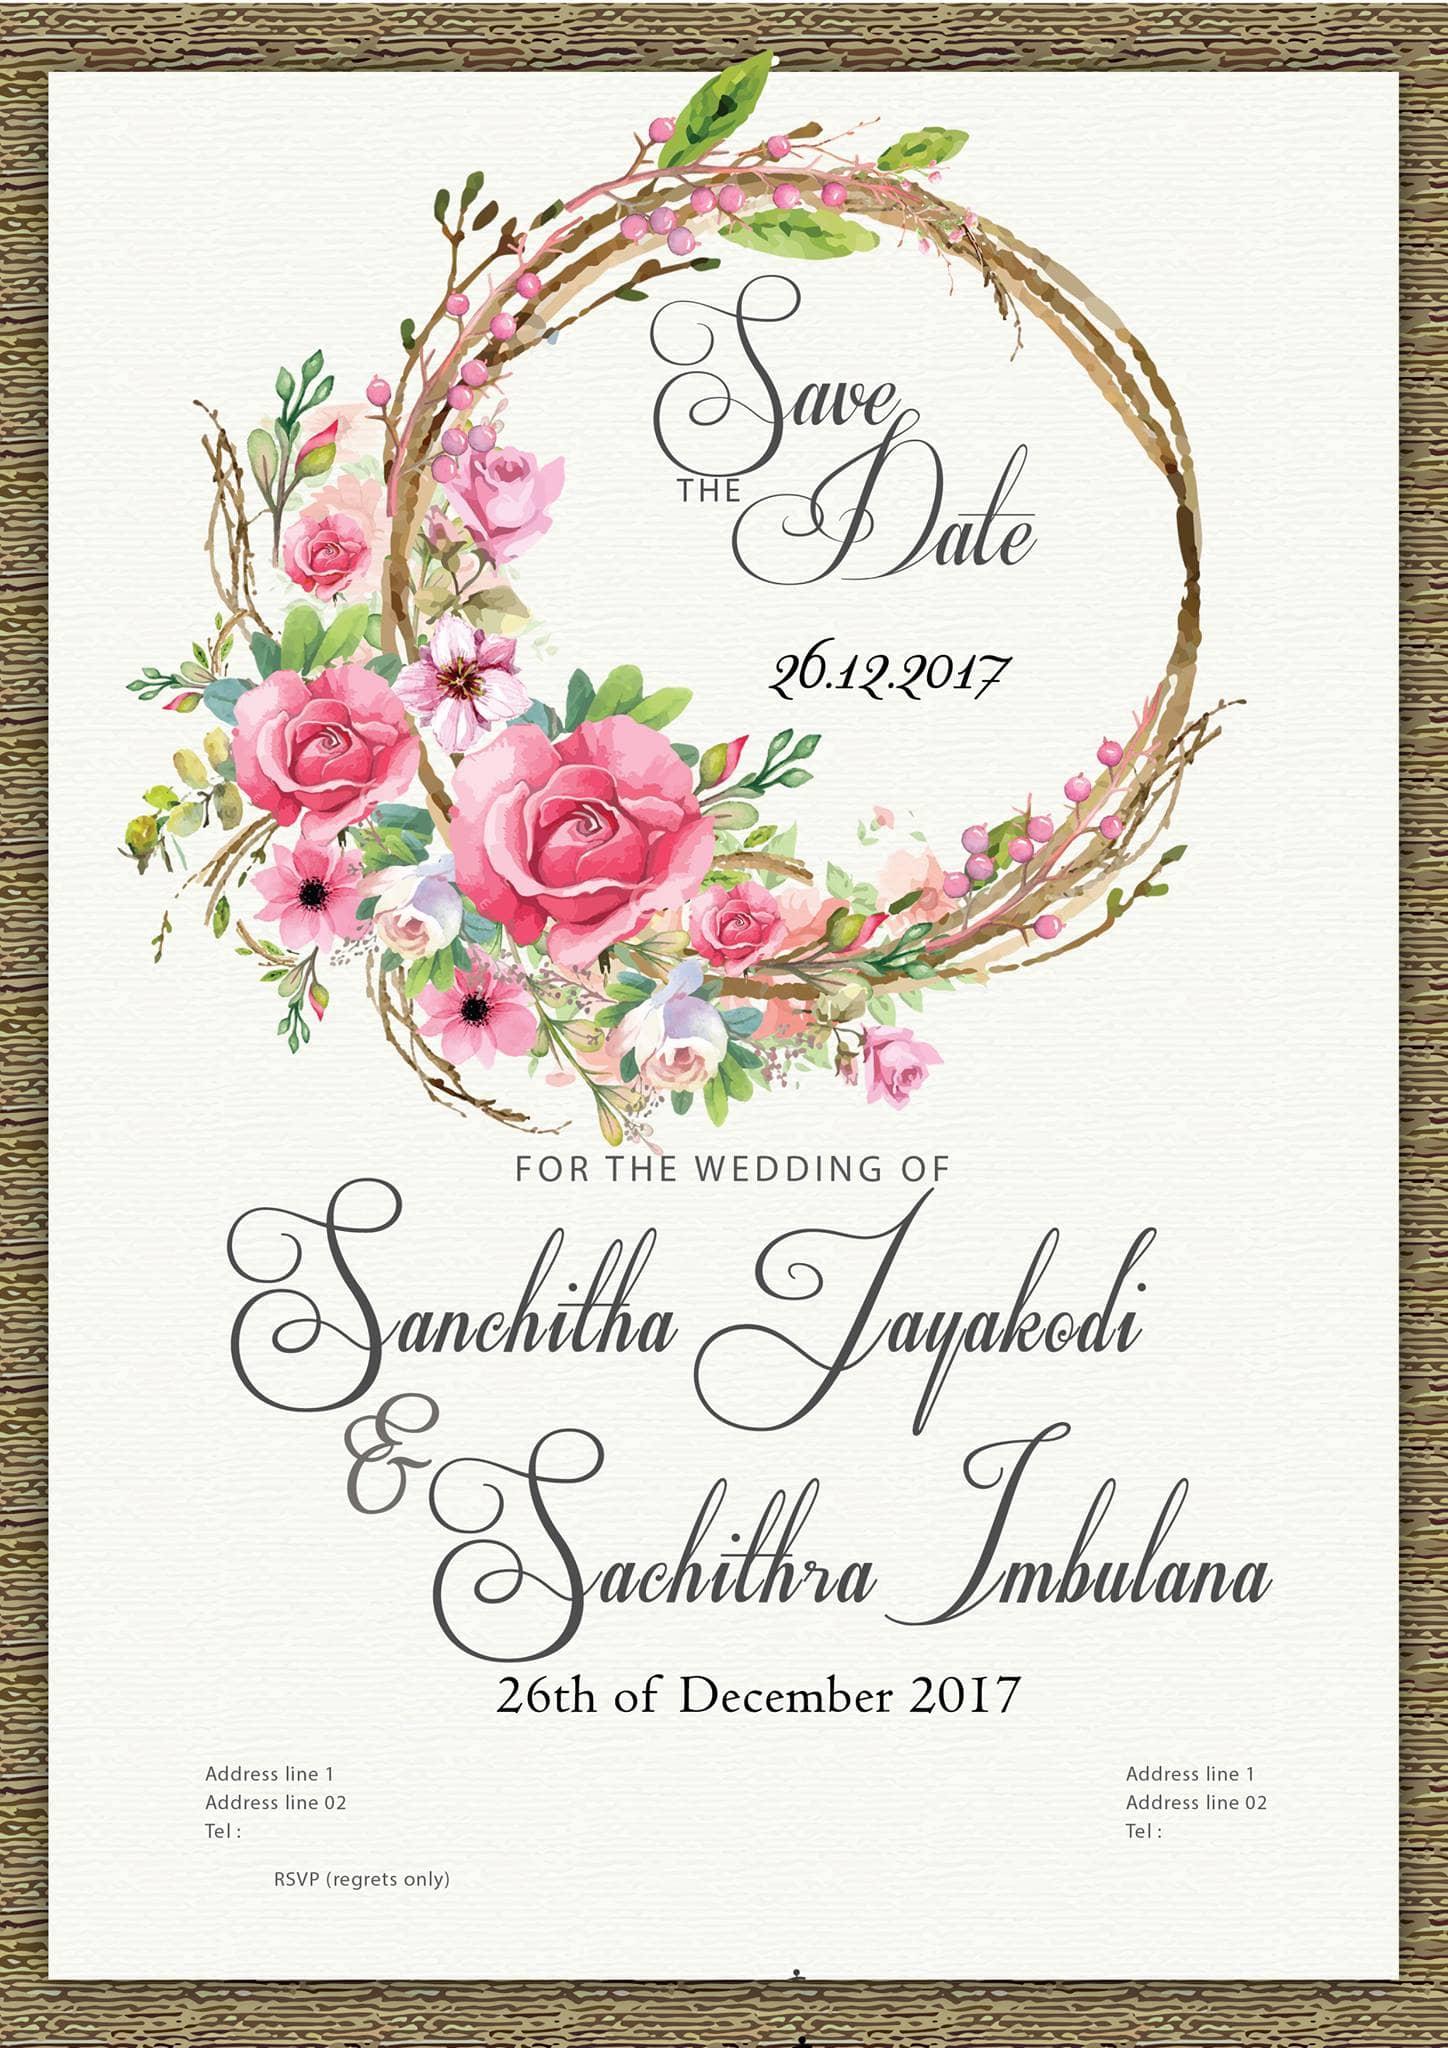 Design you an elegant wedding invitation by Geepox